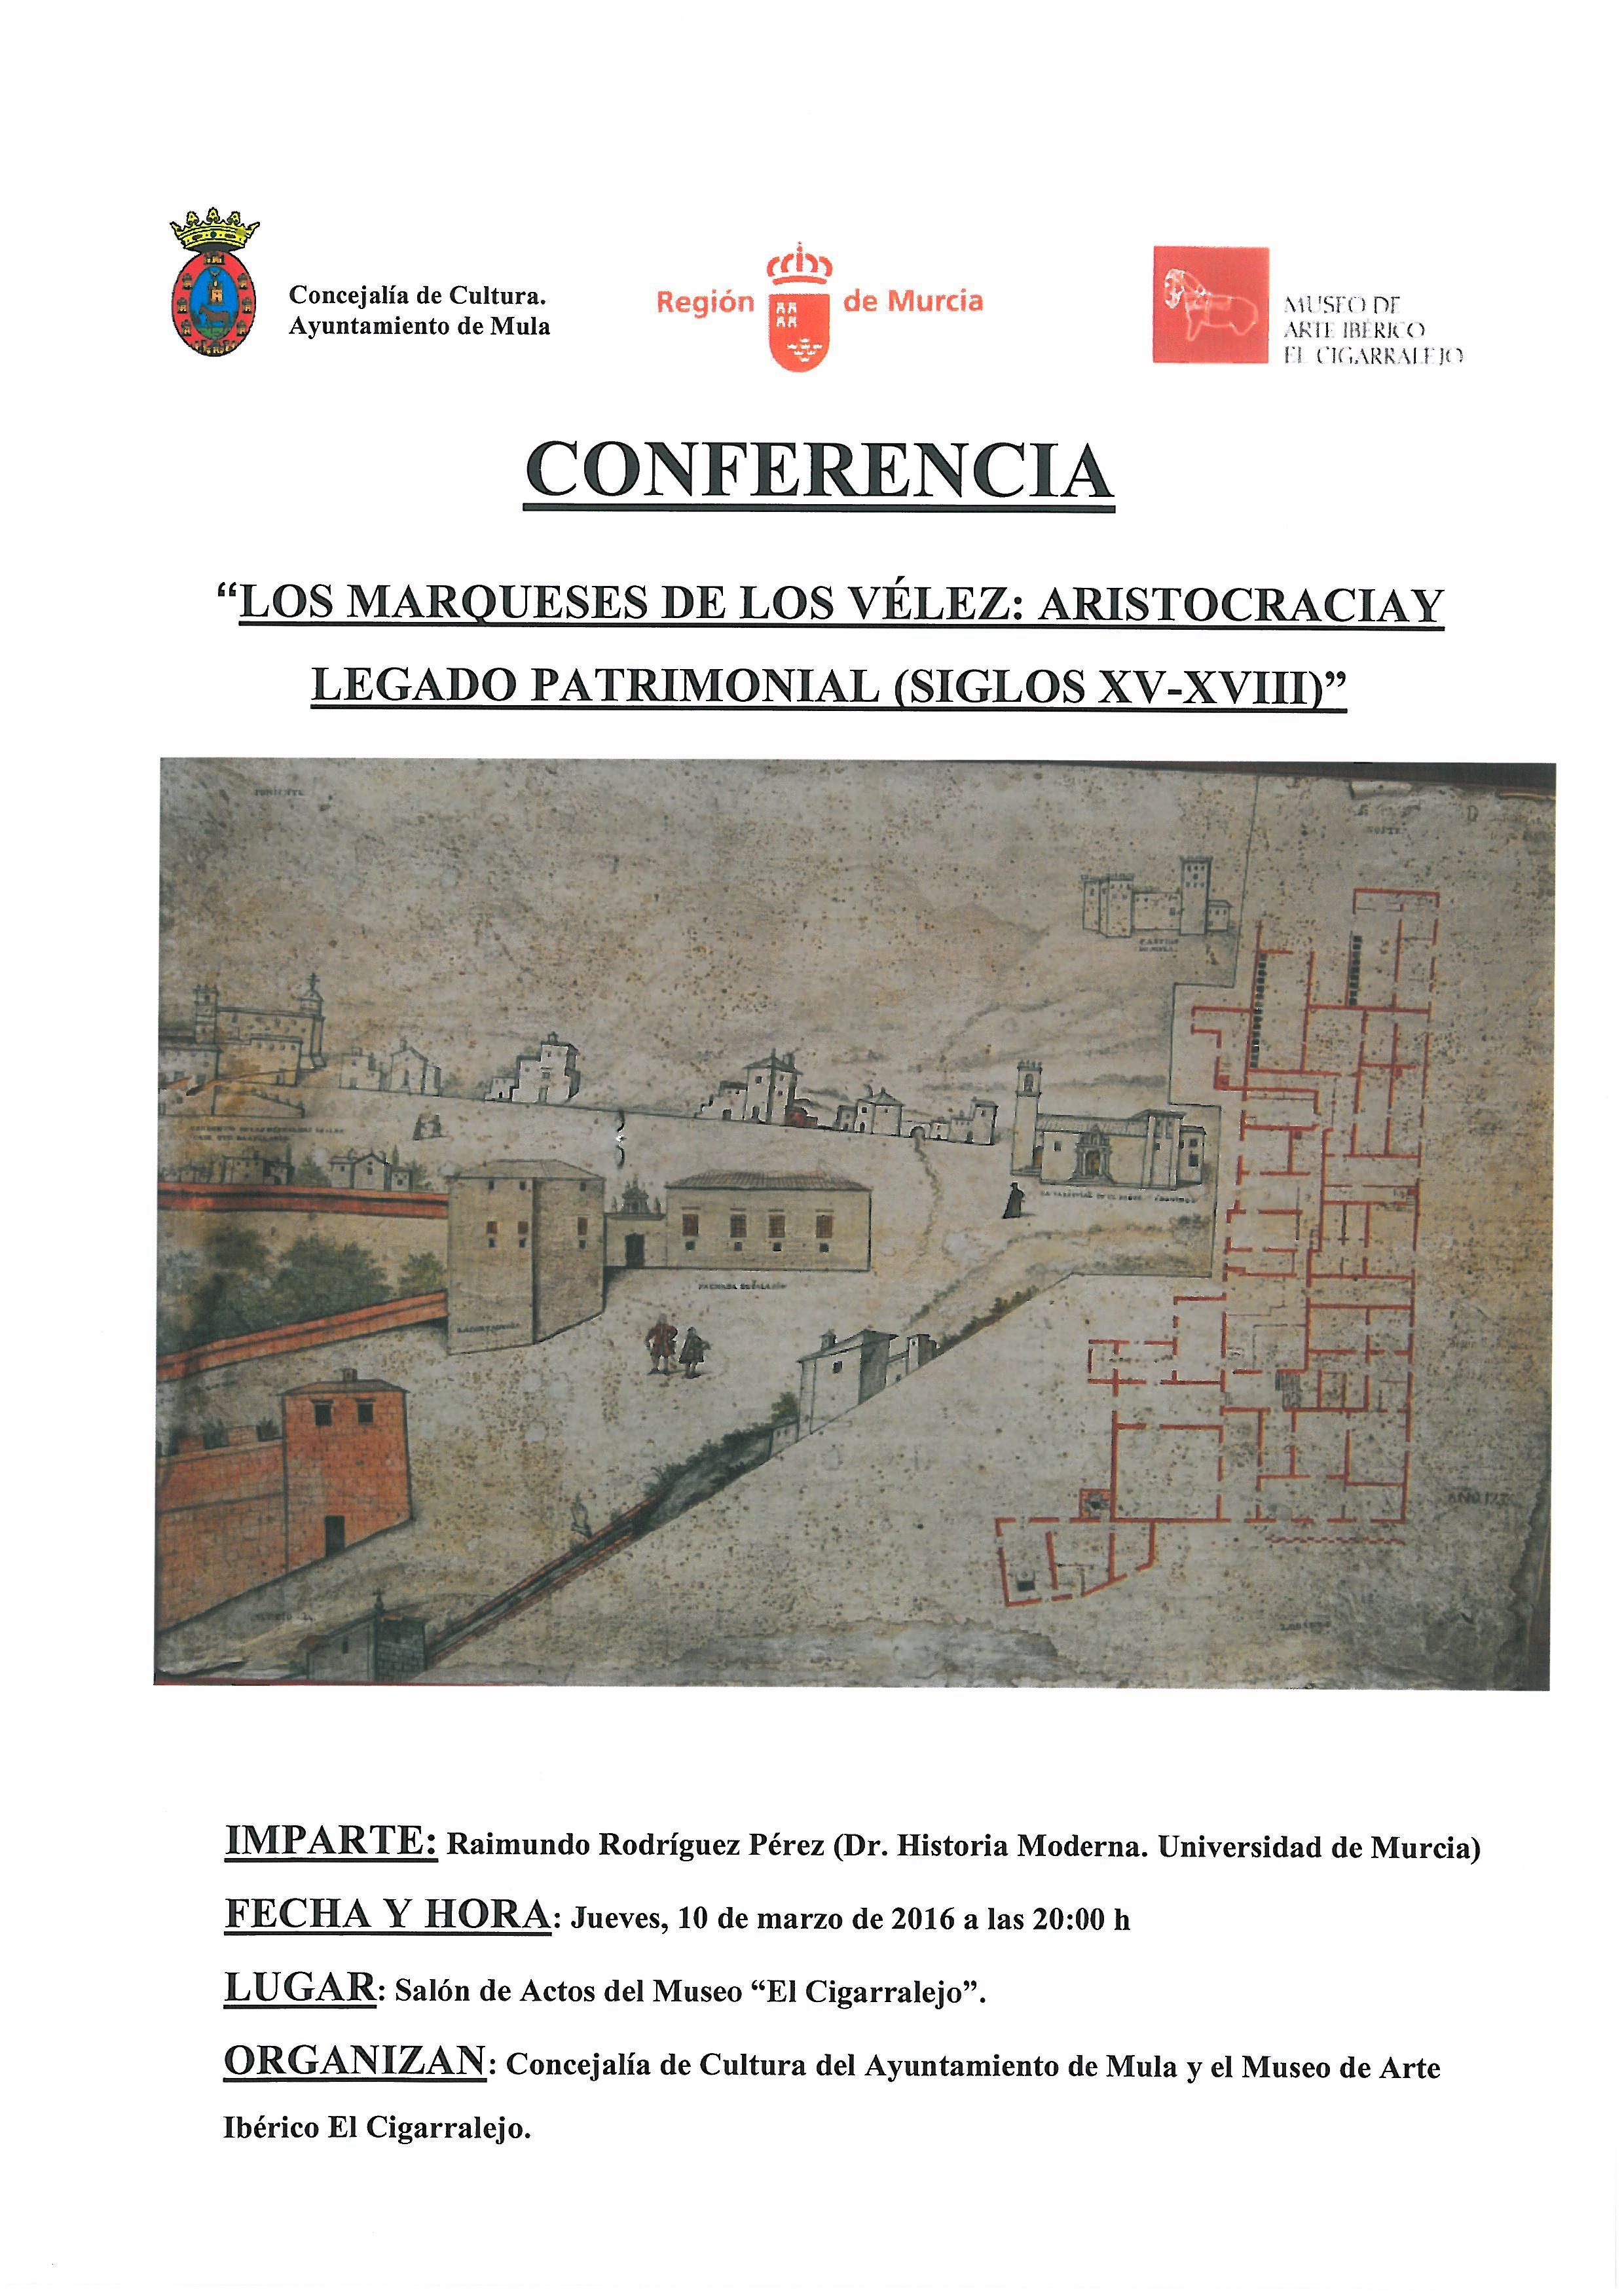 conferencia marqueses de los vélez 10 de marzo de 2016